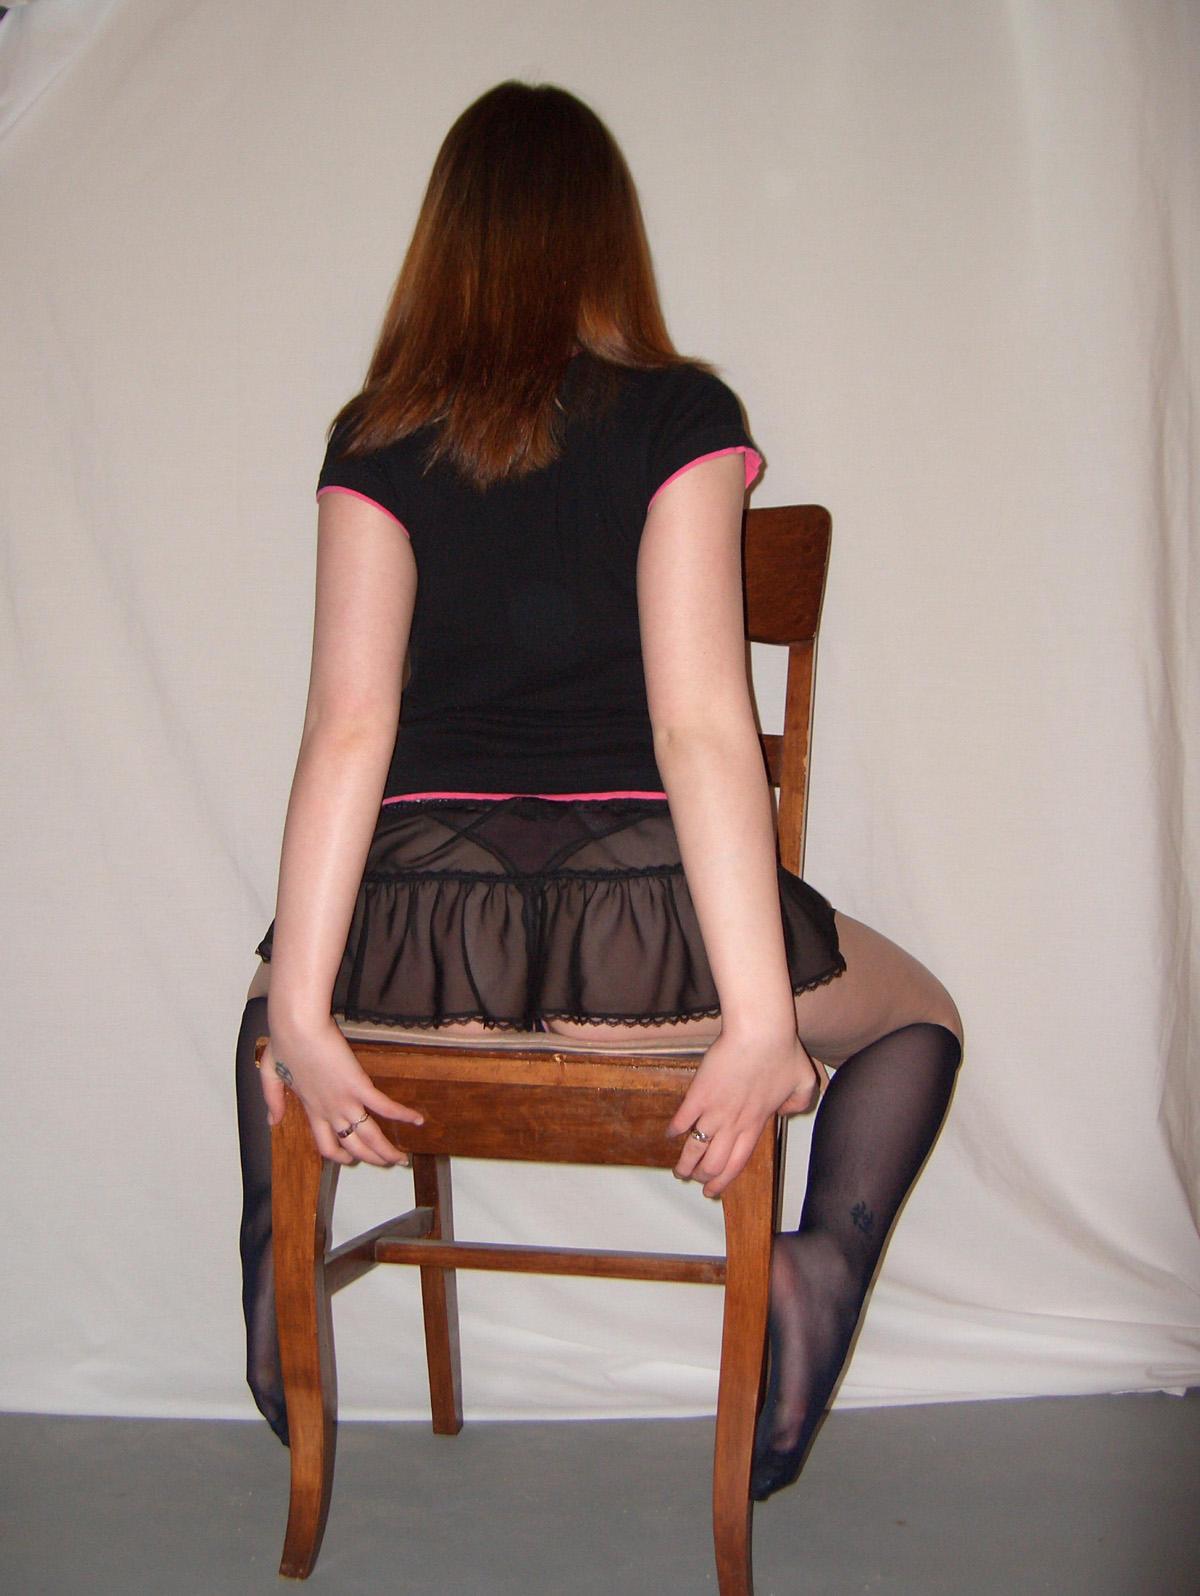 Ass on a chair-Stock by Swordexpert-Stock